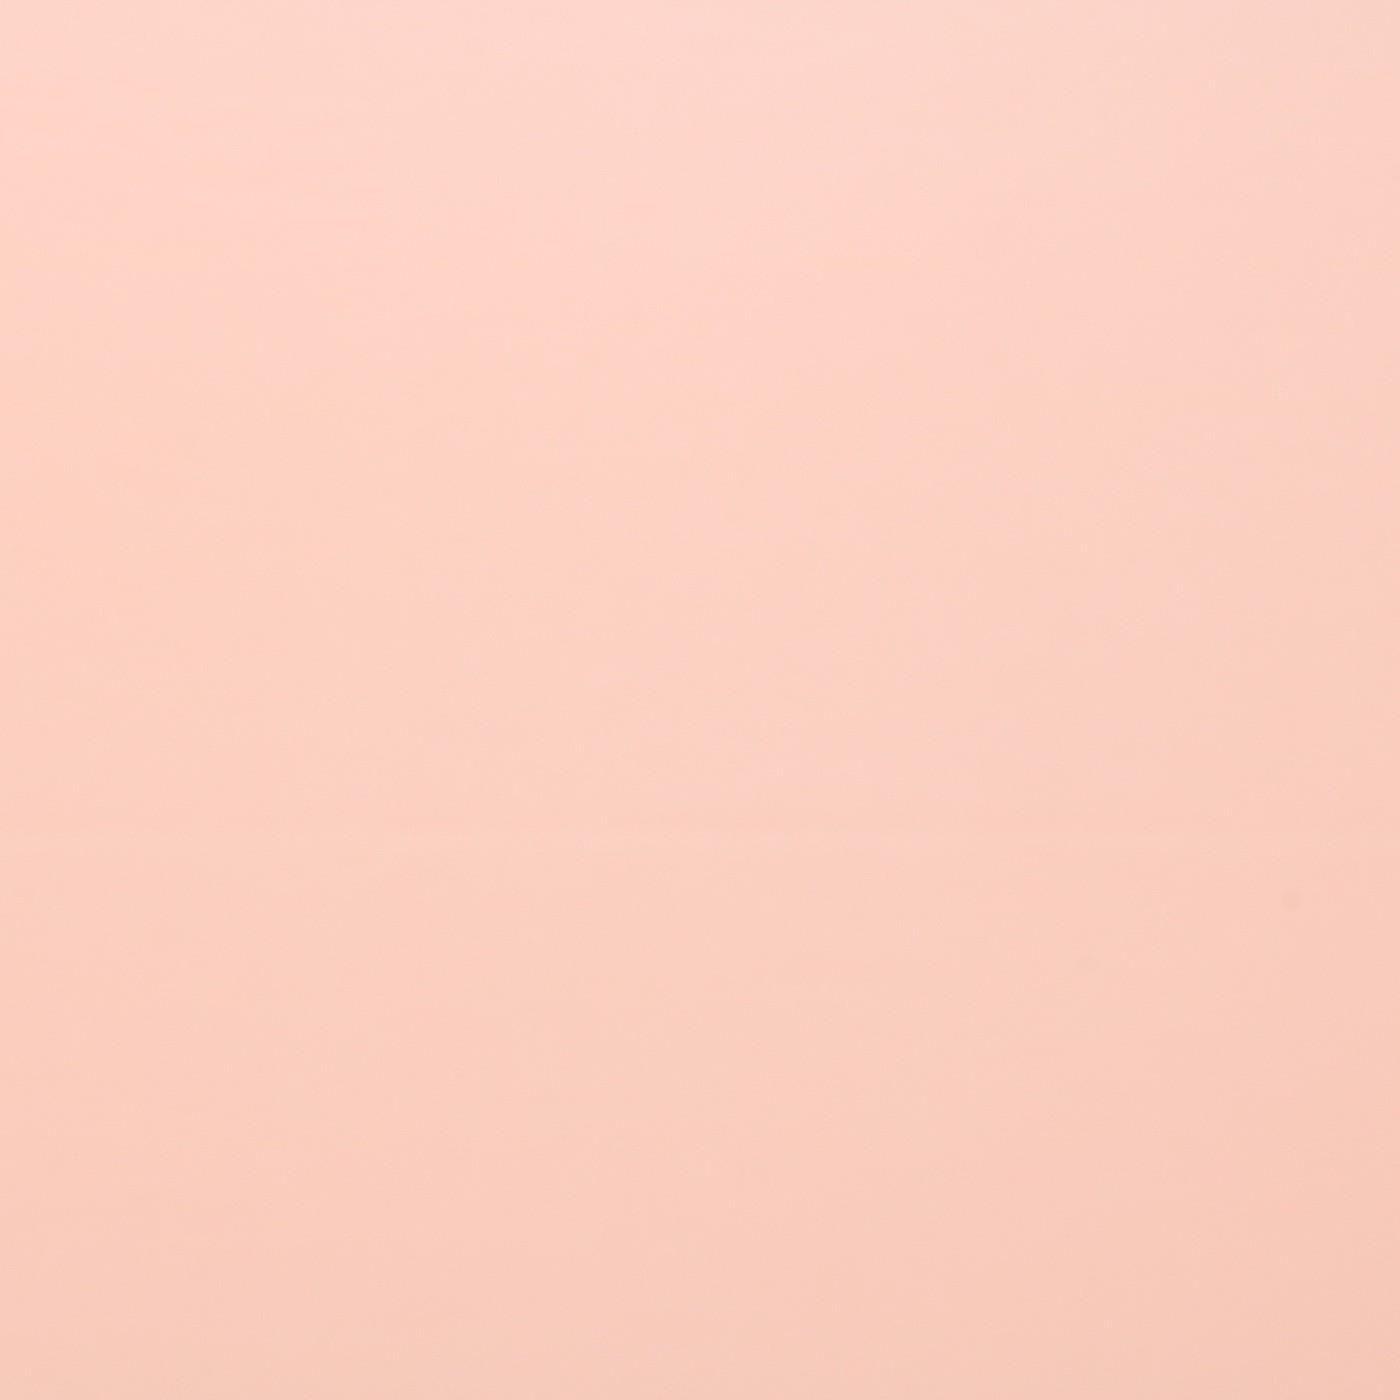 Tecido Percal Liso 100% Algodão 2,50 m Largura Rosa Claro